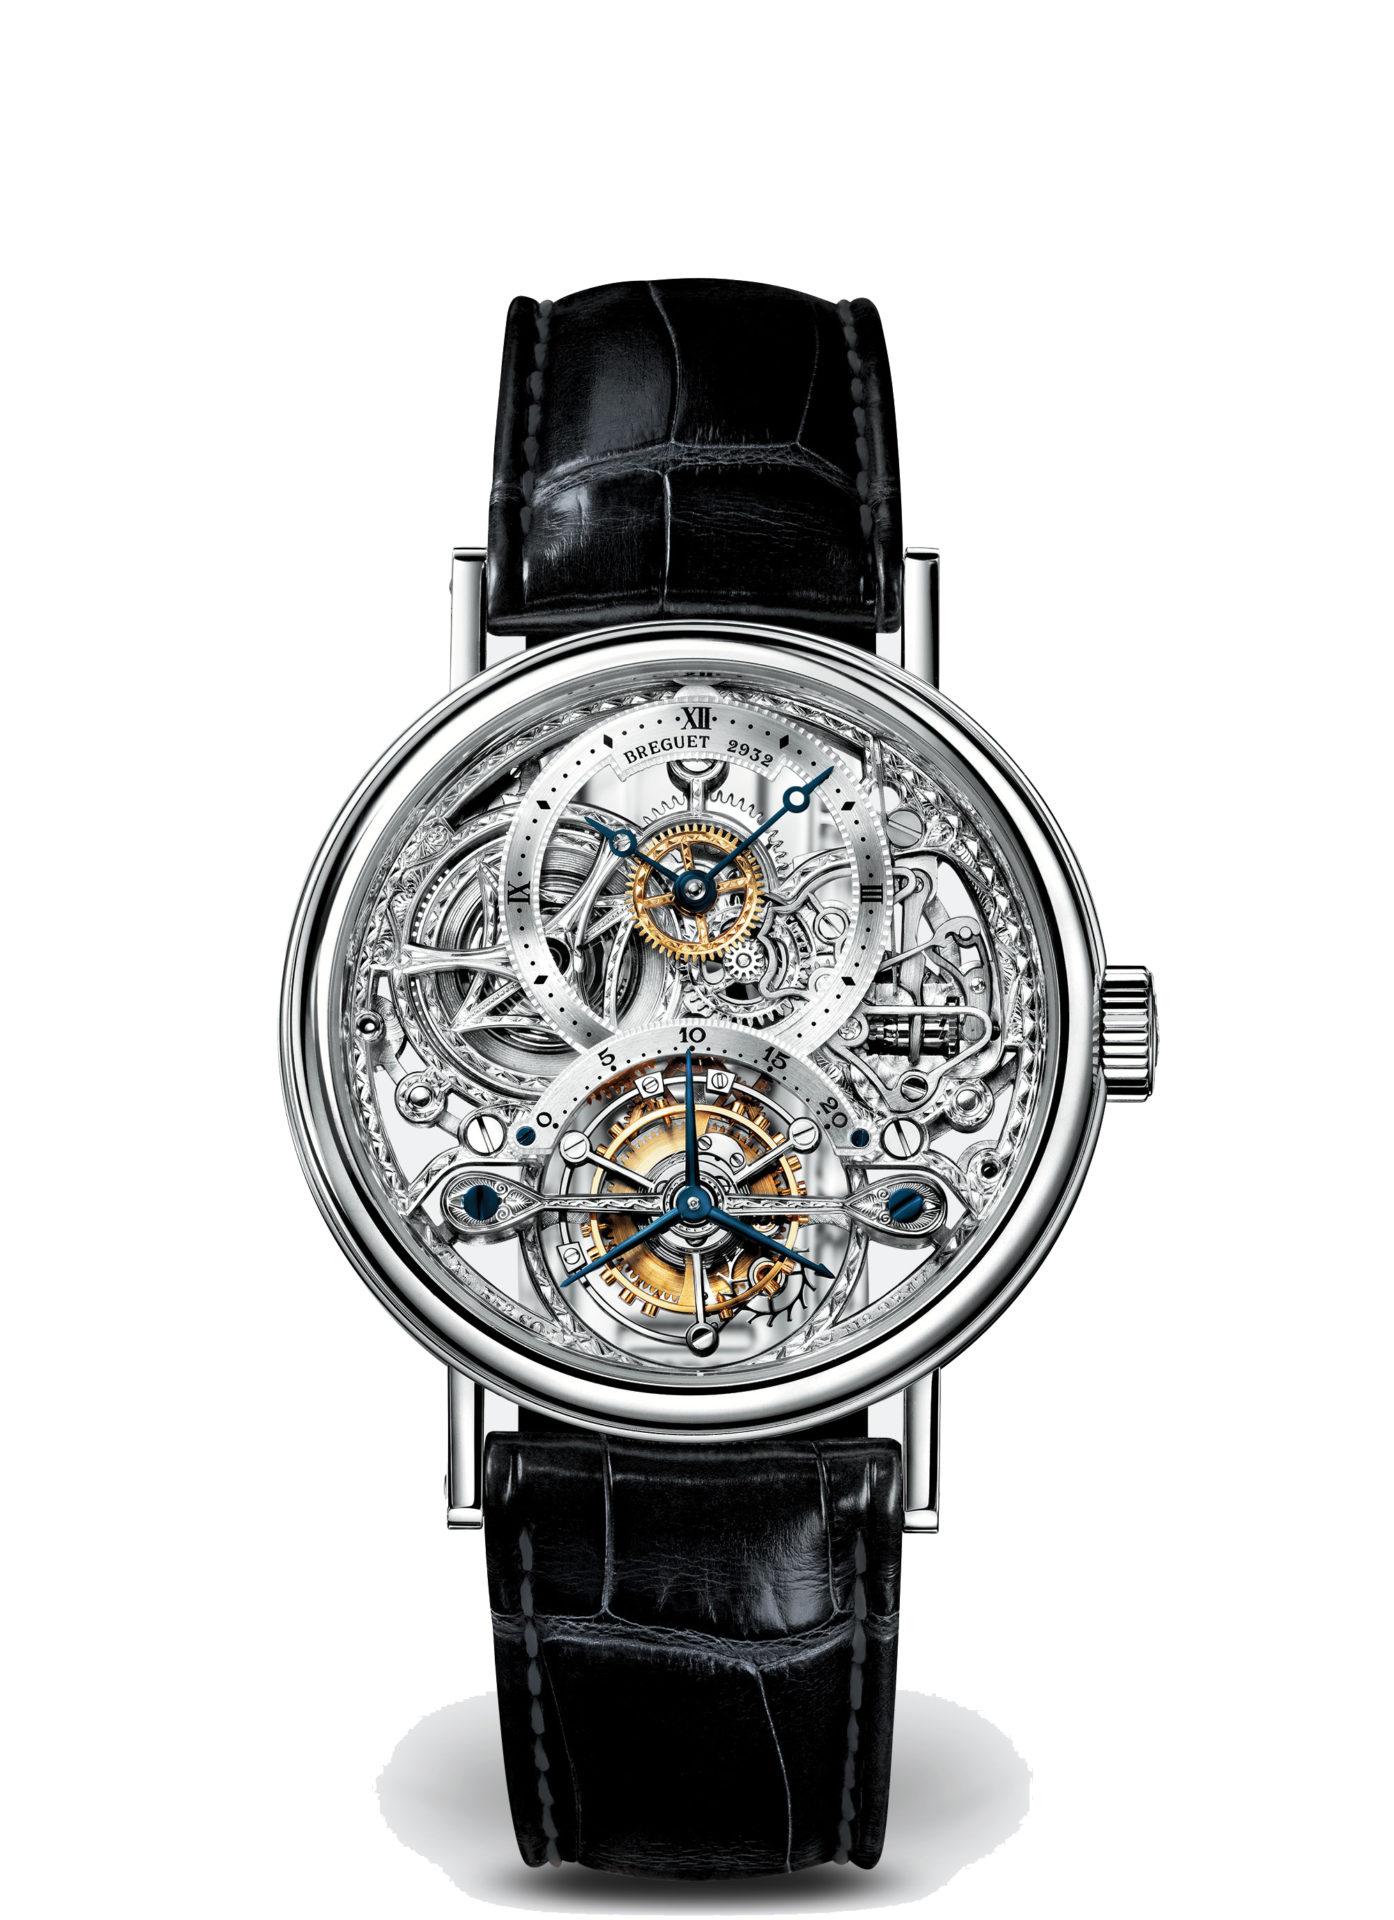 Breguet-Classique-Complications-3355-Hall-of-Time-3355pt-00-986